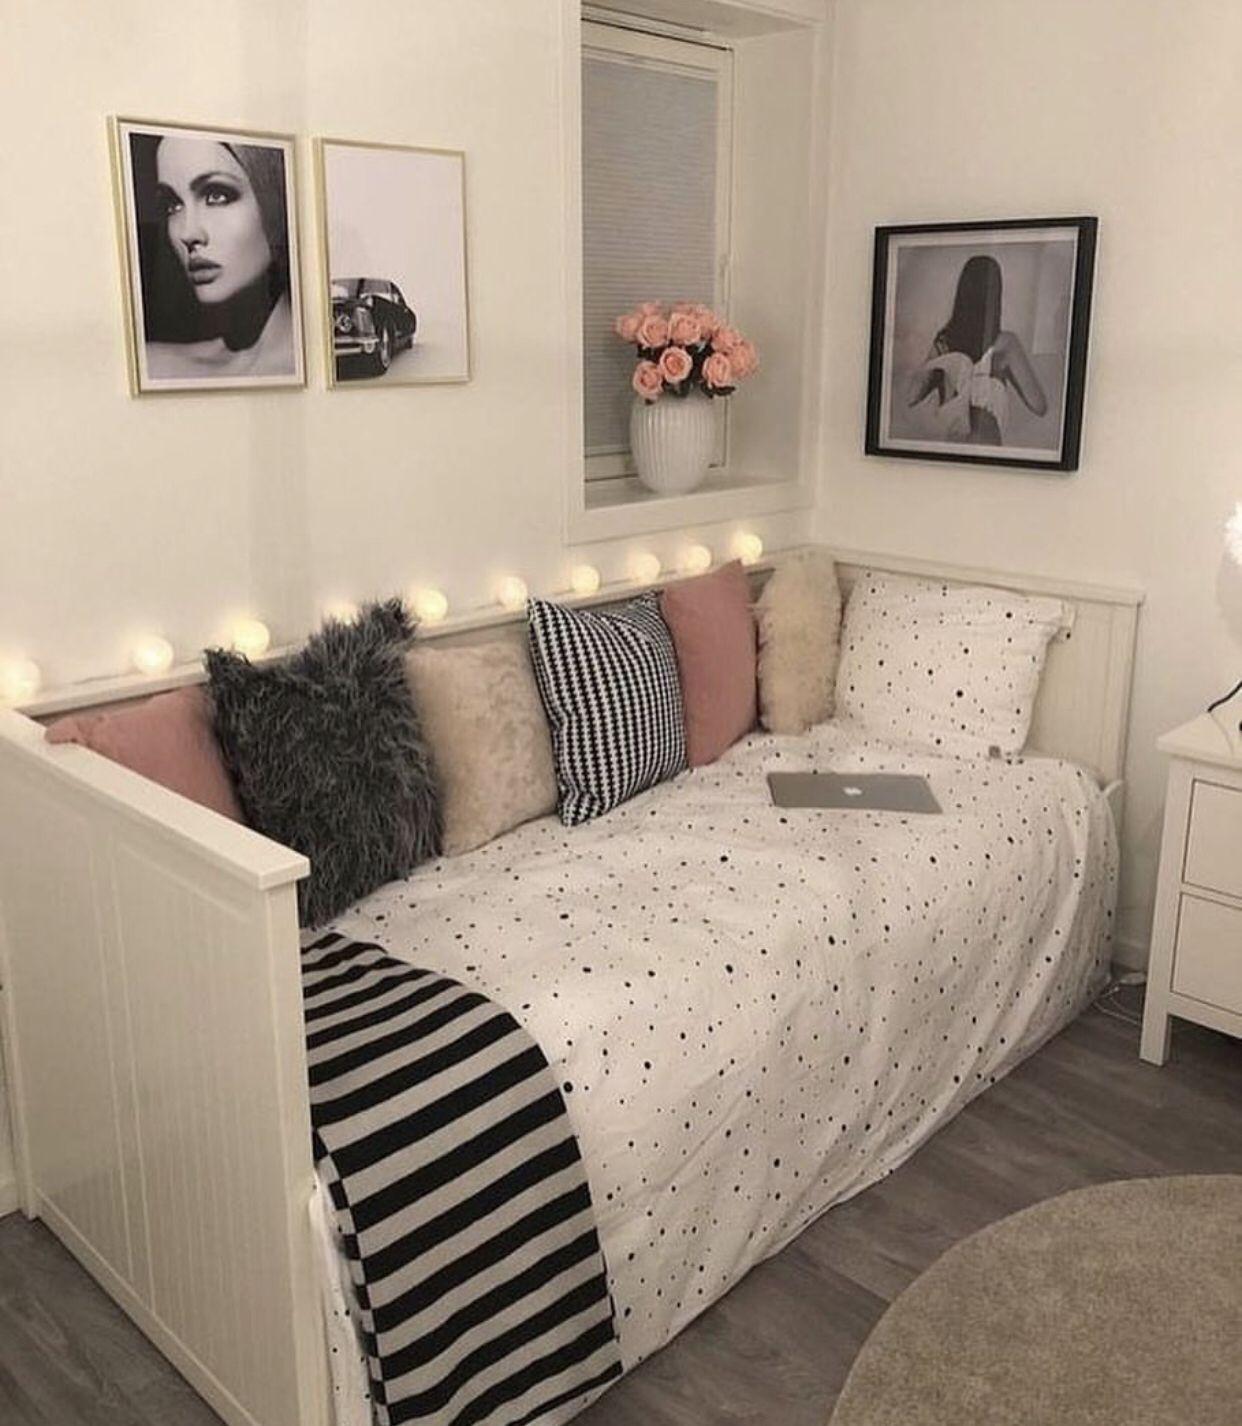 pinterest  ashleynxoxo roomdecor bedroom bedroomdecor